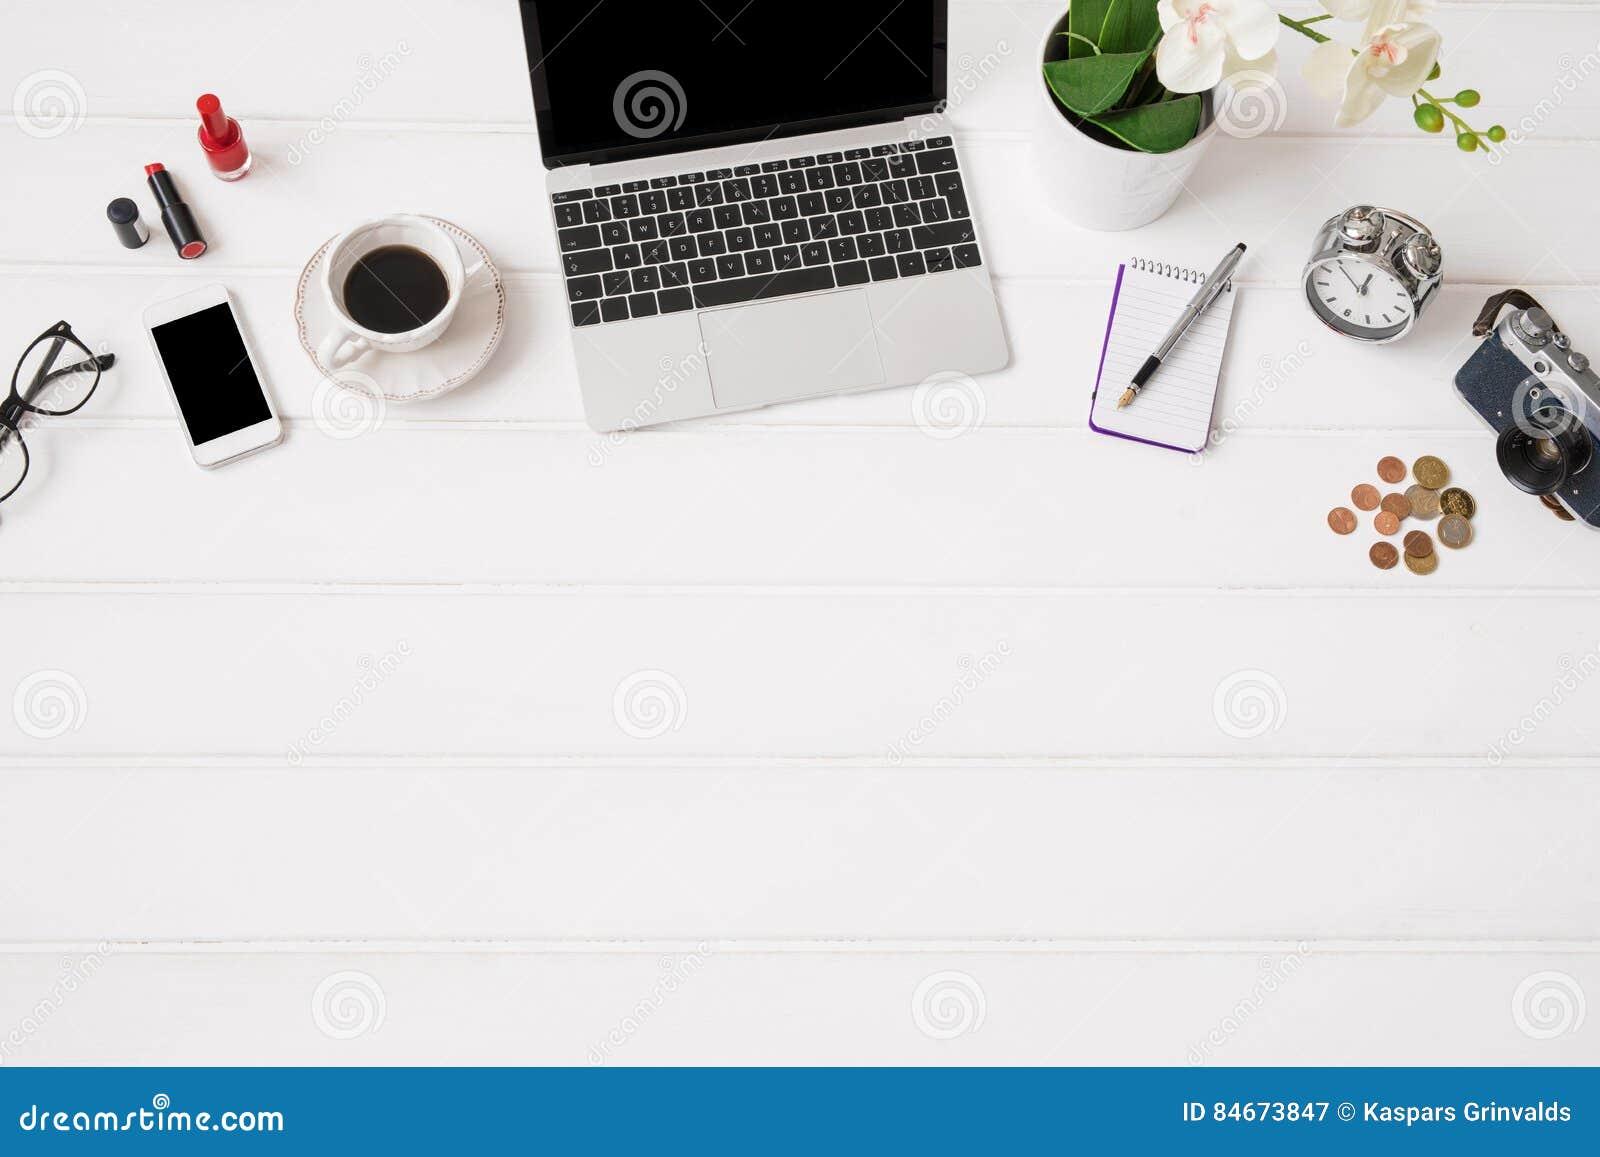 Ordinateur portable sur le bureau vue d 39 en haut image Table vue de haut